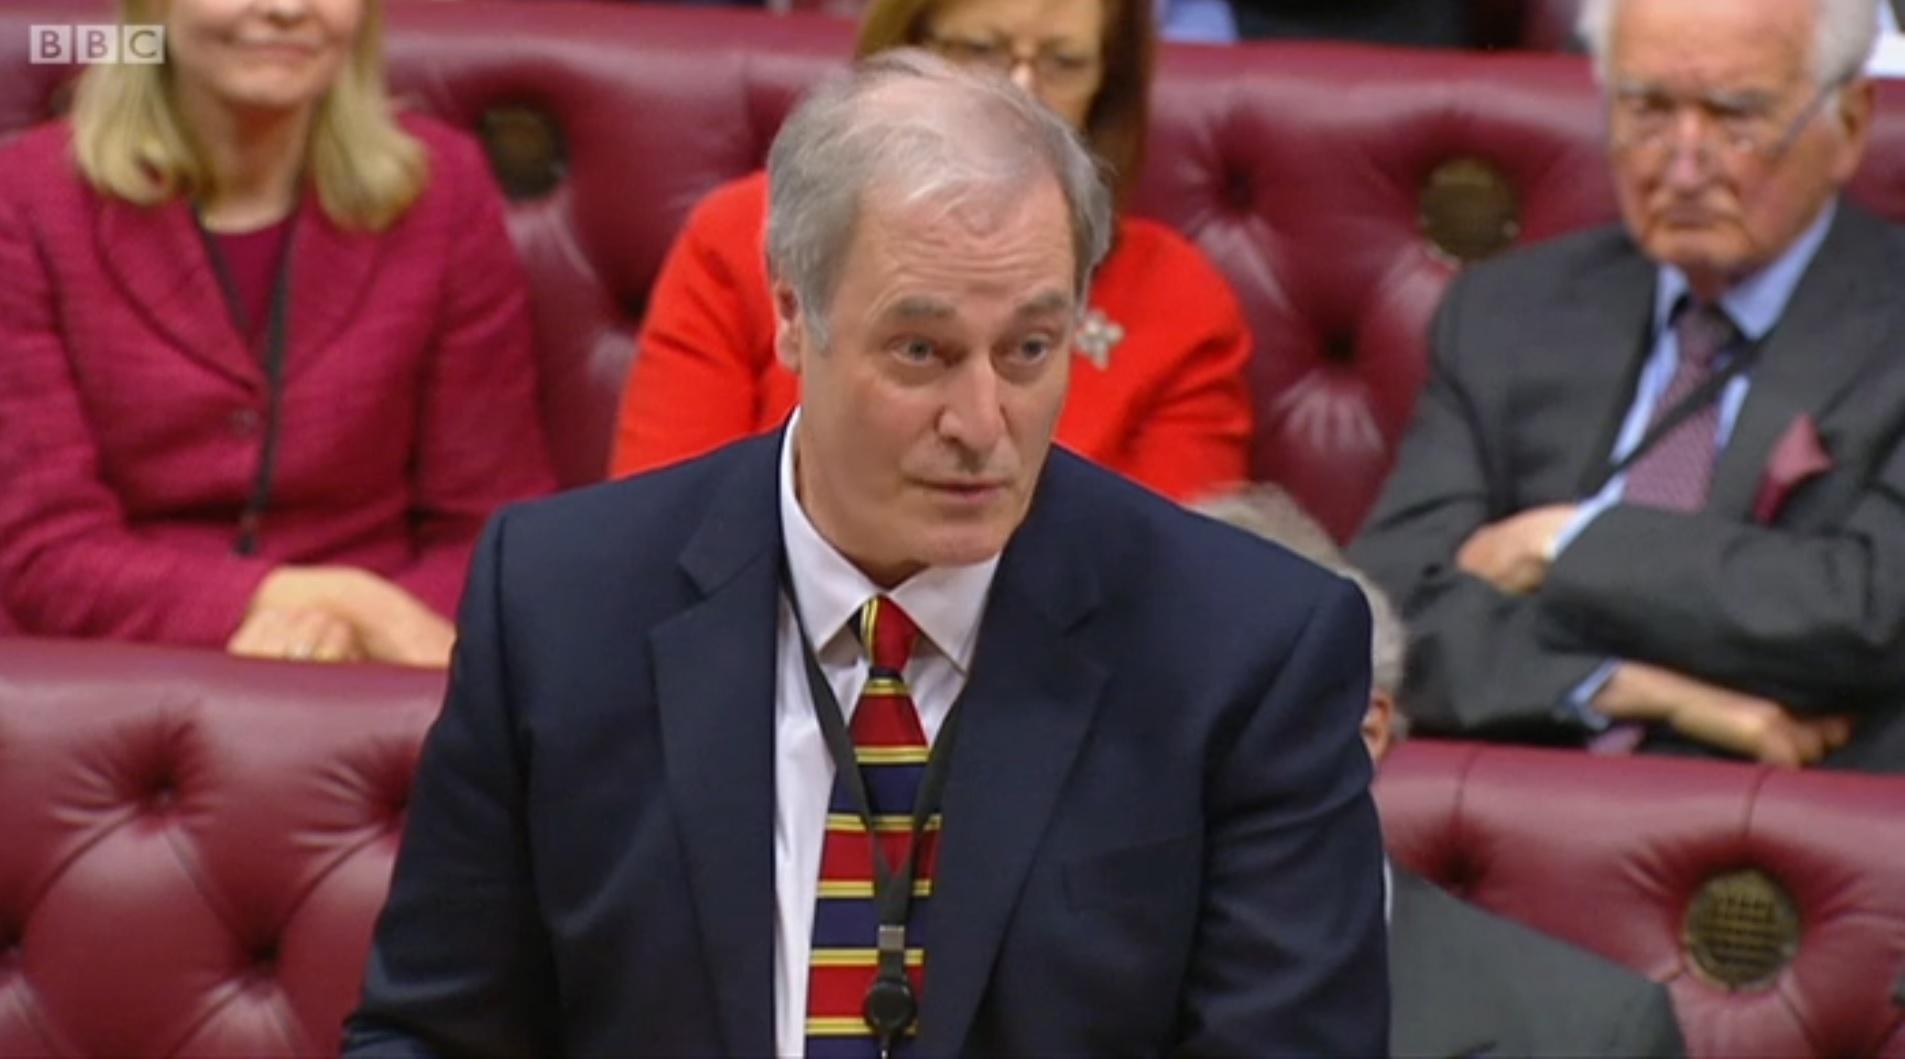 Arrivé en retard au Parlement, il présente sa démission — Royaume-Uni